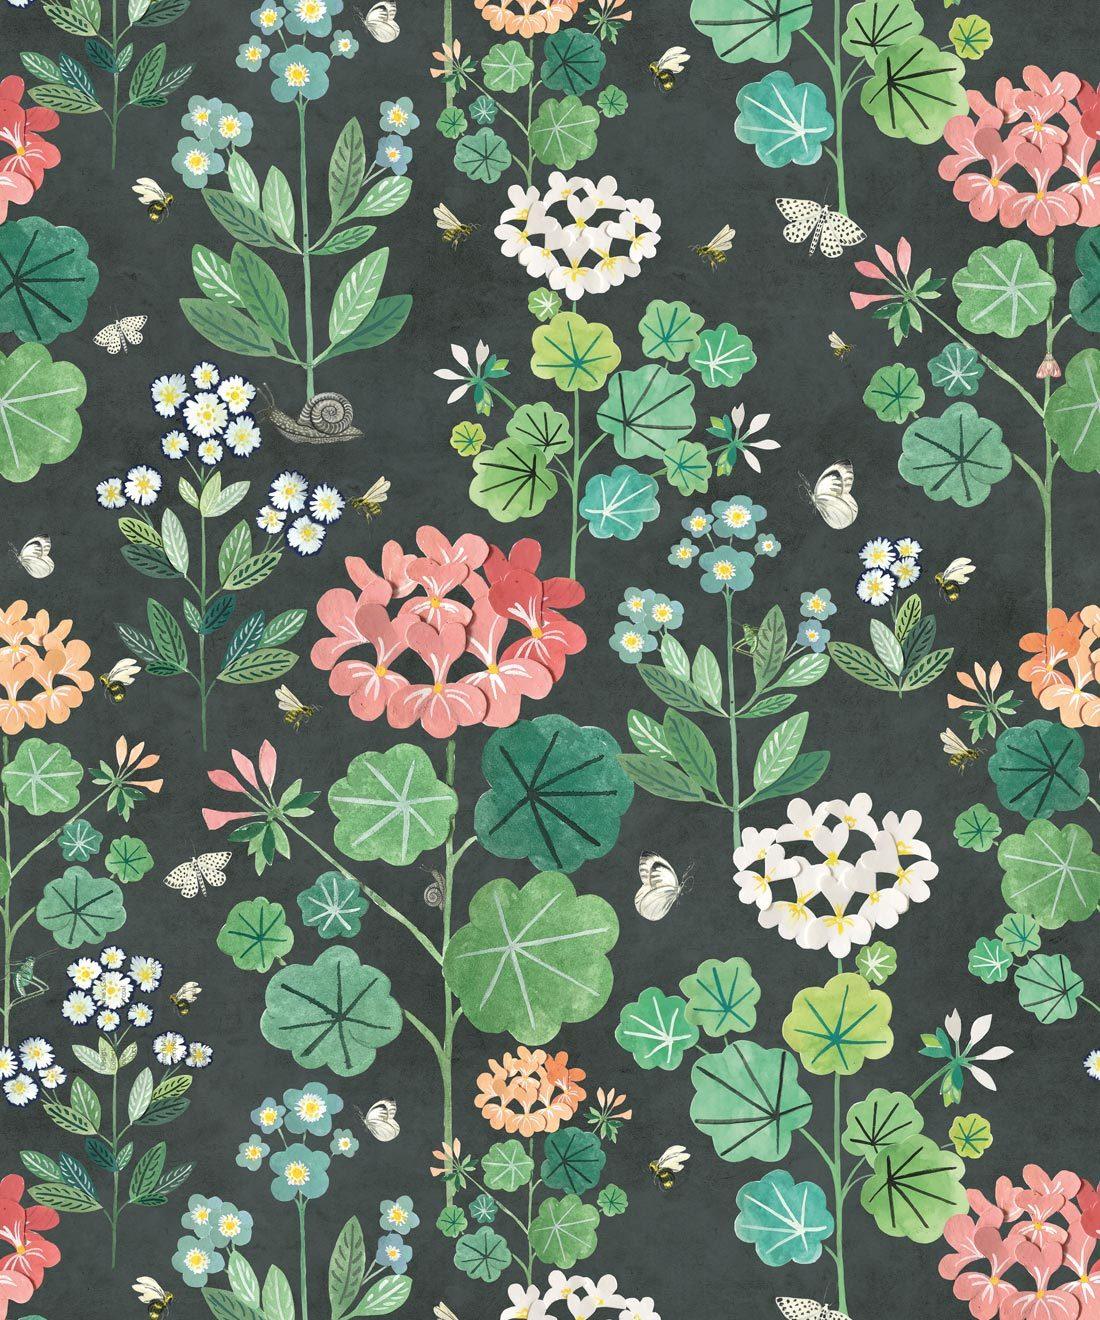 Sophie's Garden Charcoal